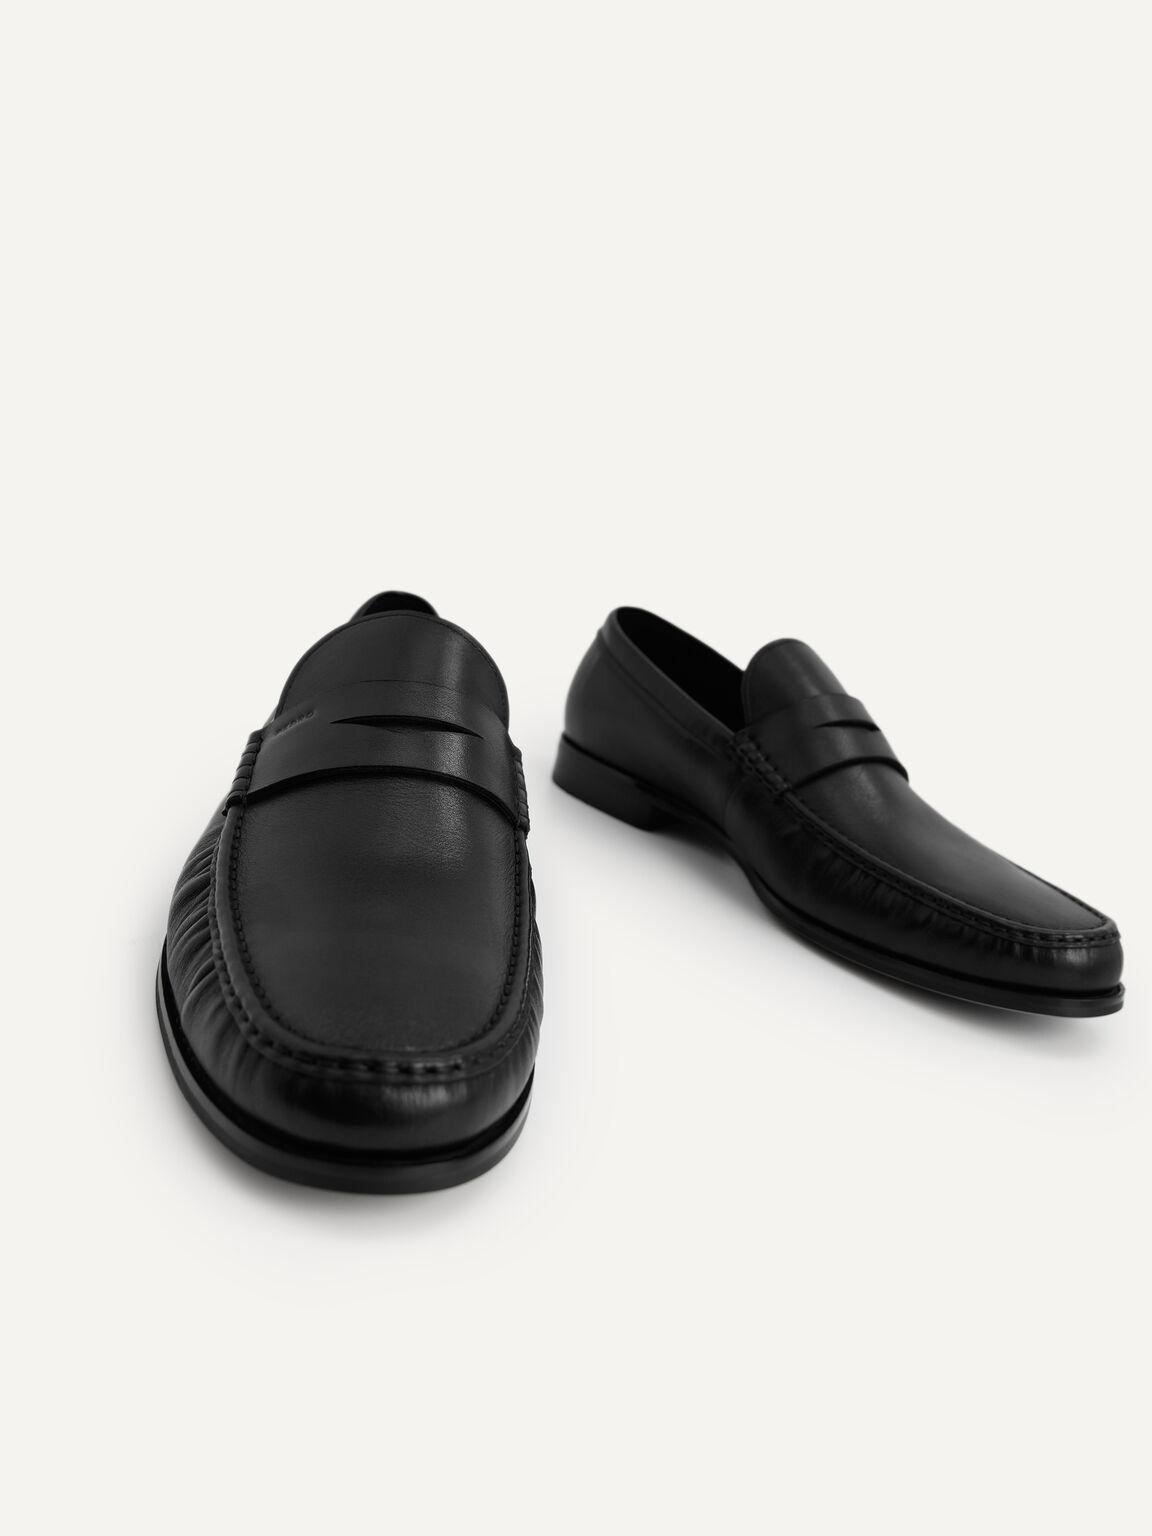 Leather Penny Moccasins, Black, hi-res